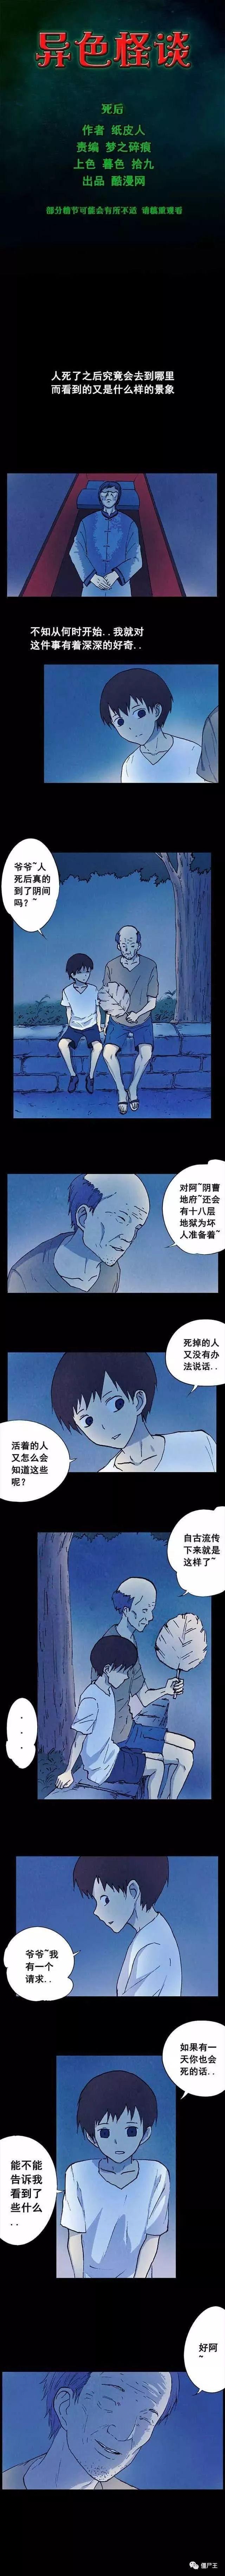 恐怖漫画:异色怪谈之《死后》人死后是终结还是新的开始-僵尸王